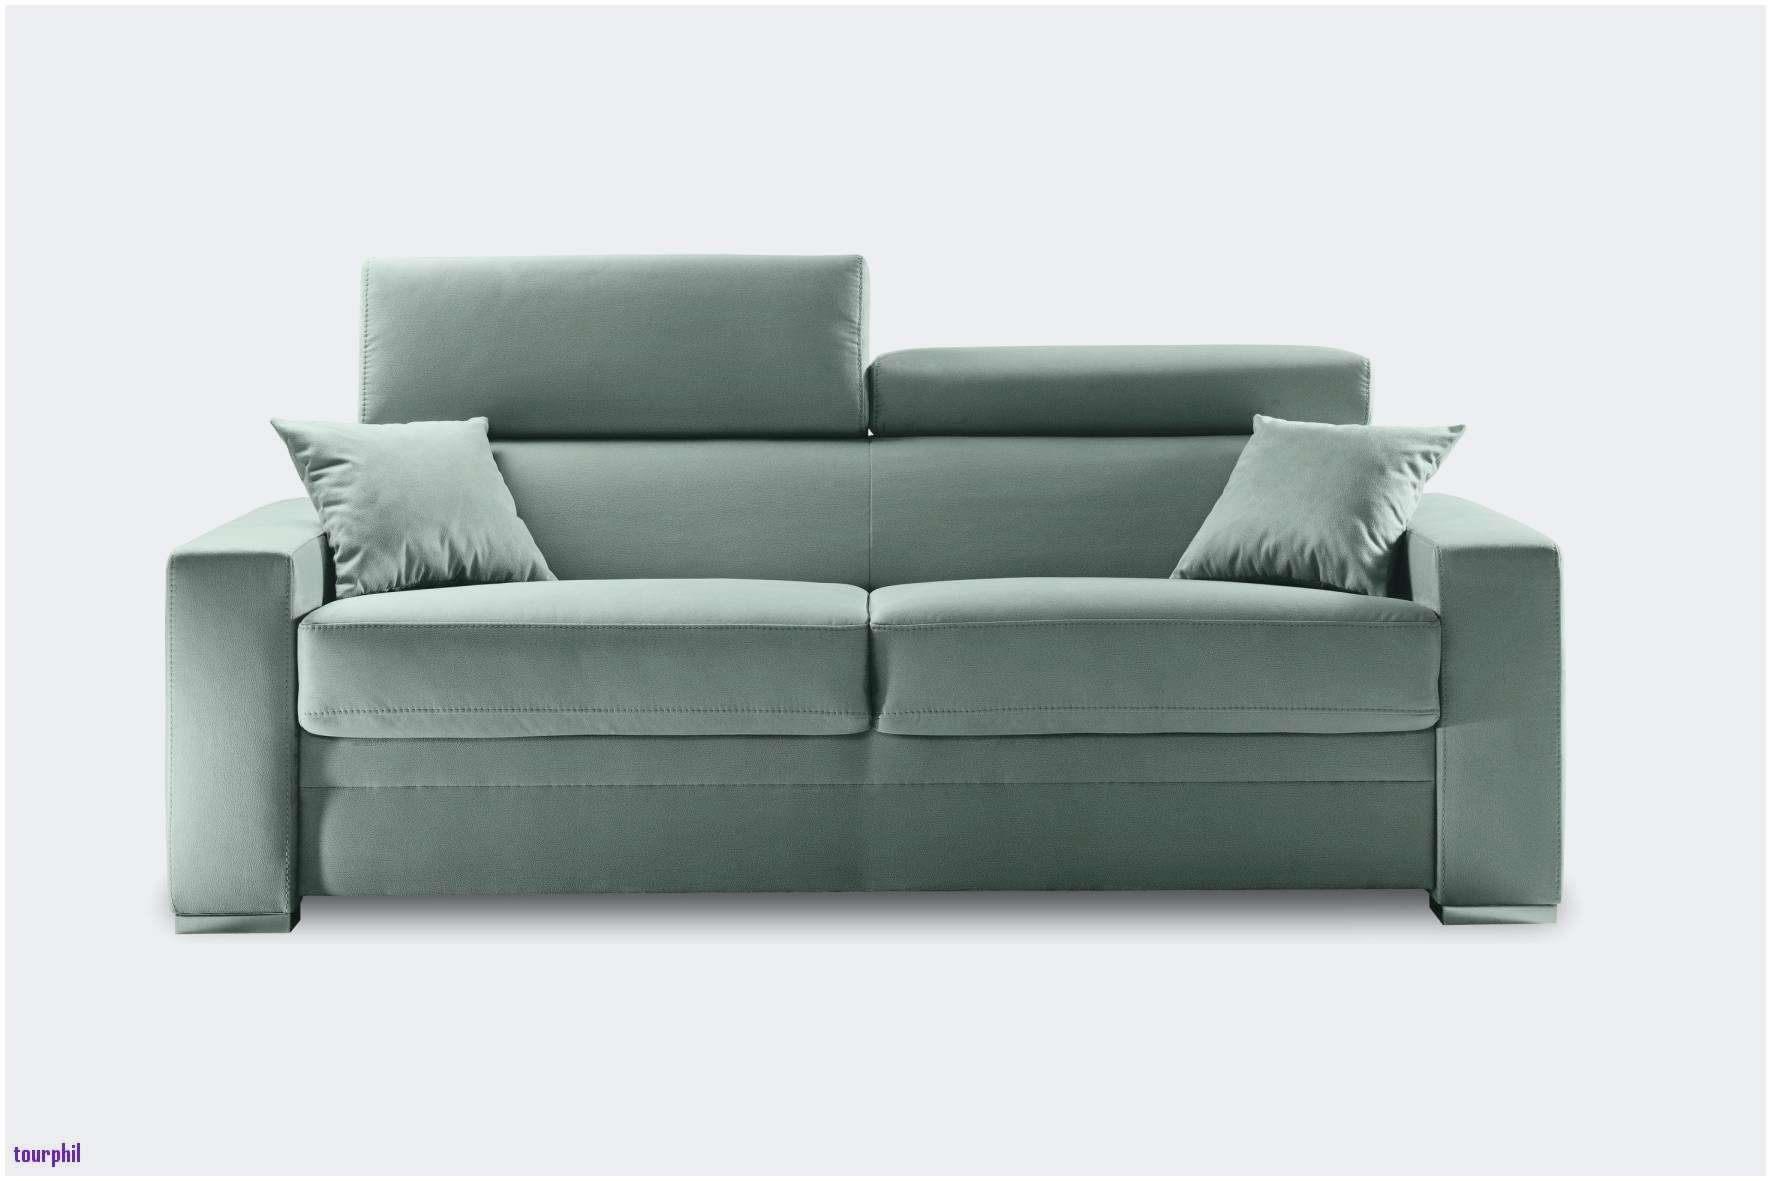 Lit Fer forgé 160×200 De Luxe Unique Ikea Canapé D Angle Convertible Beau Image Lit 2 Places 25 23